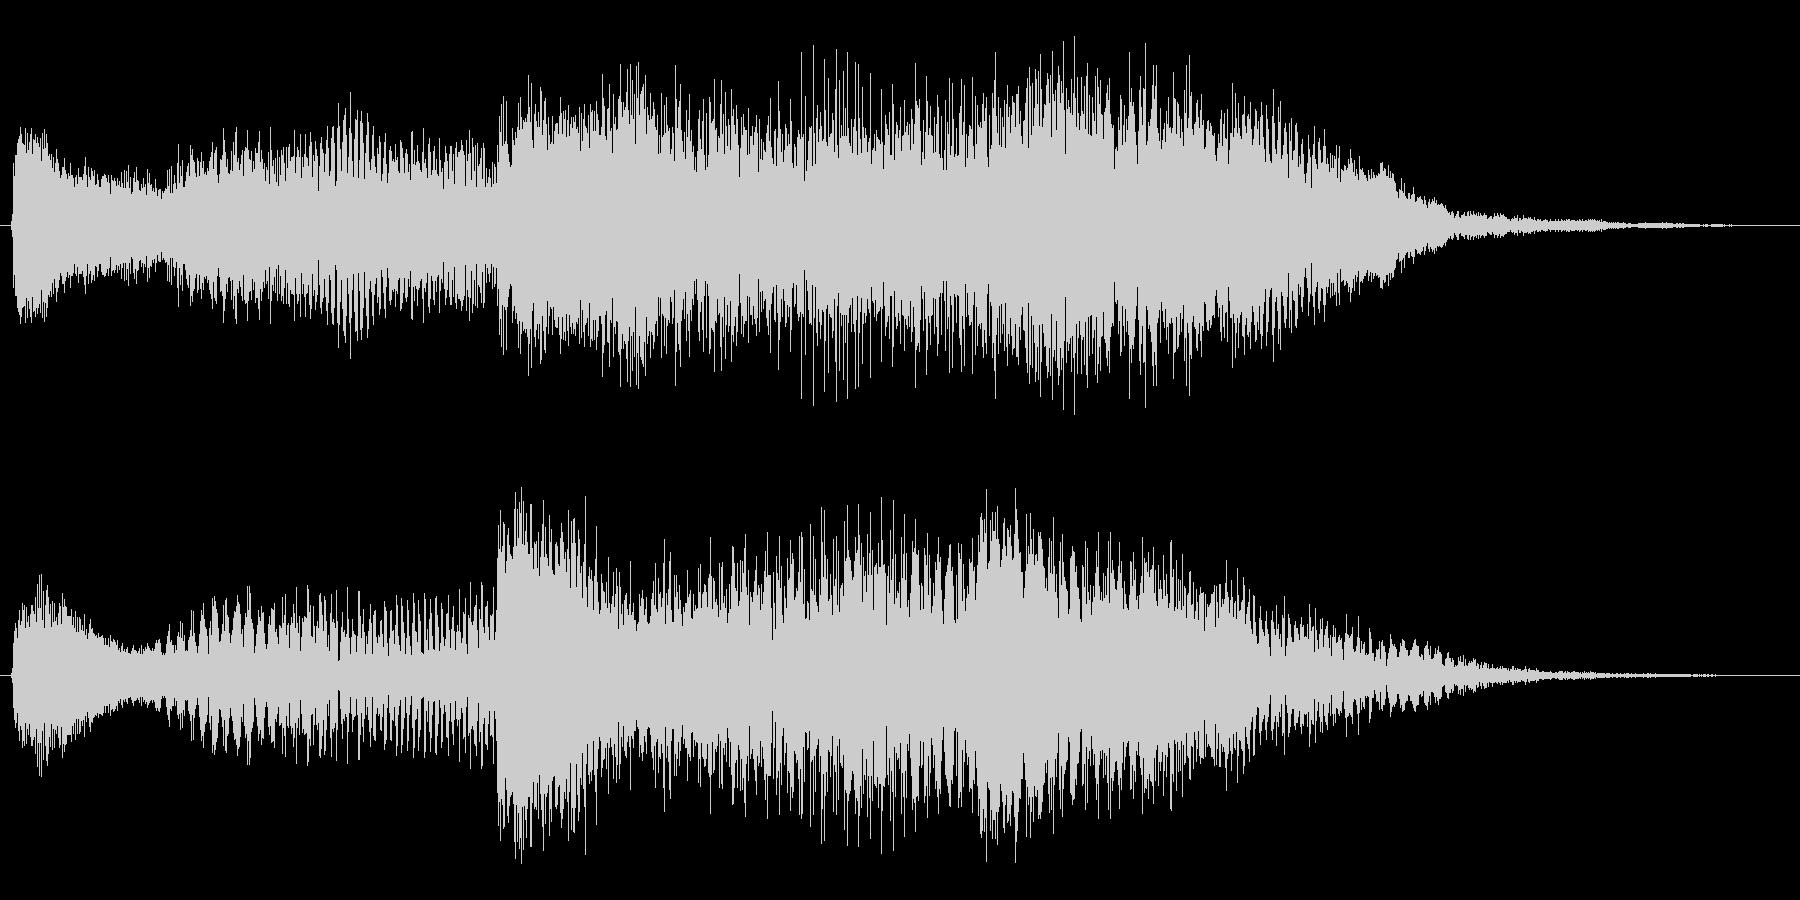 サイエンス的イメージロゴの未再生の波形